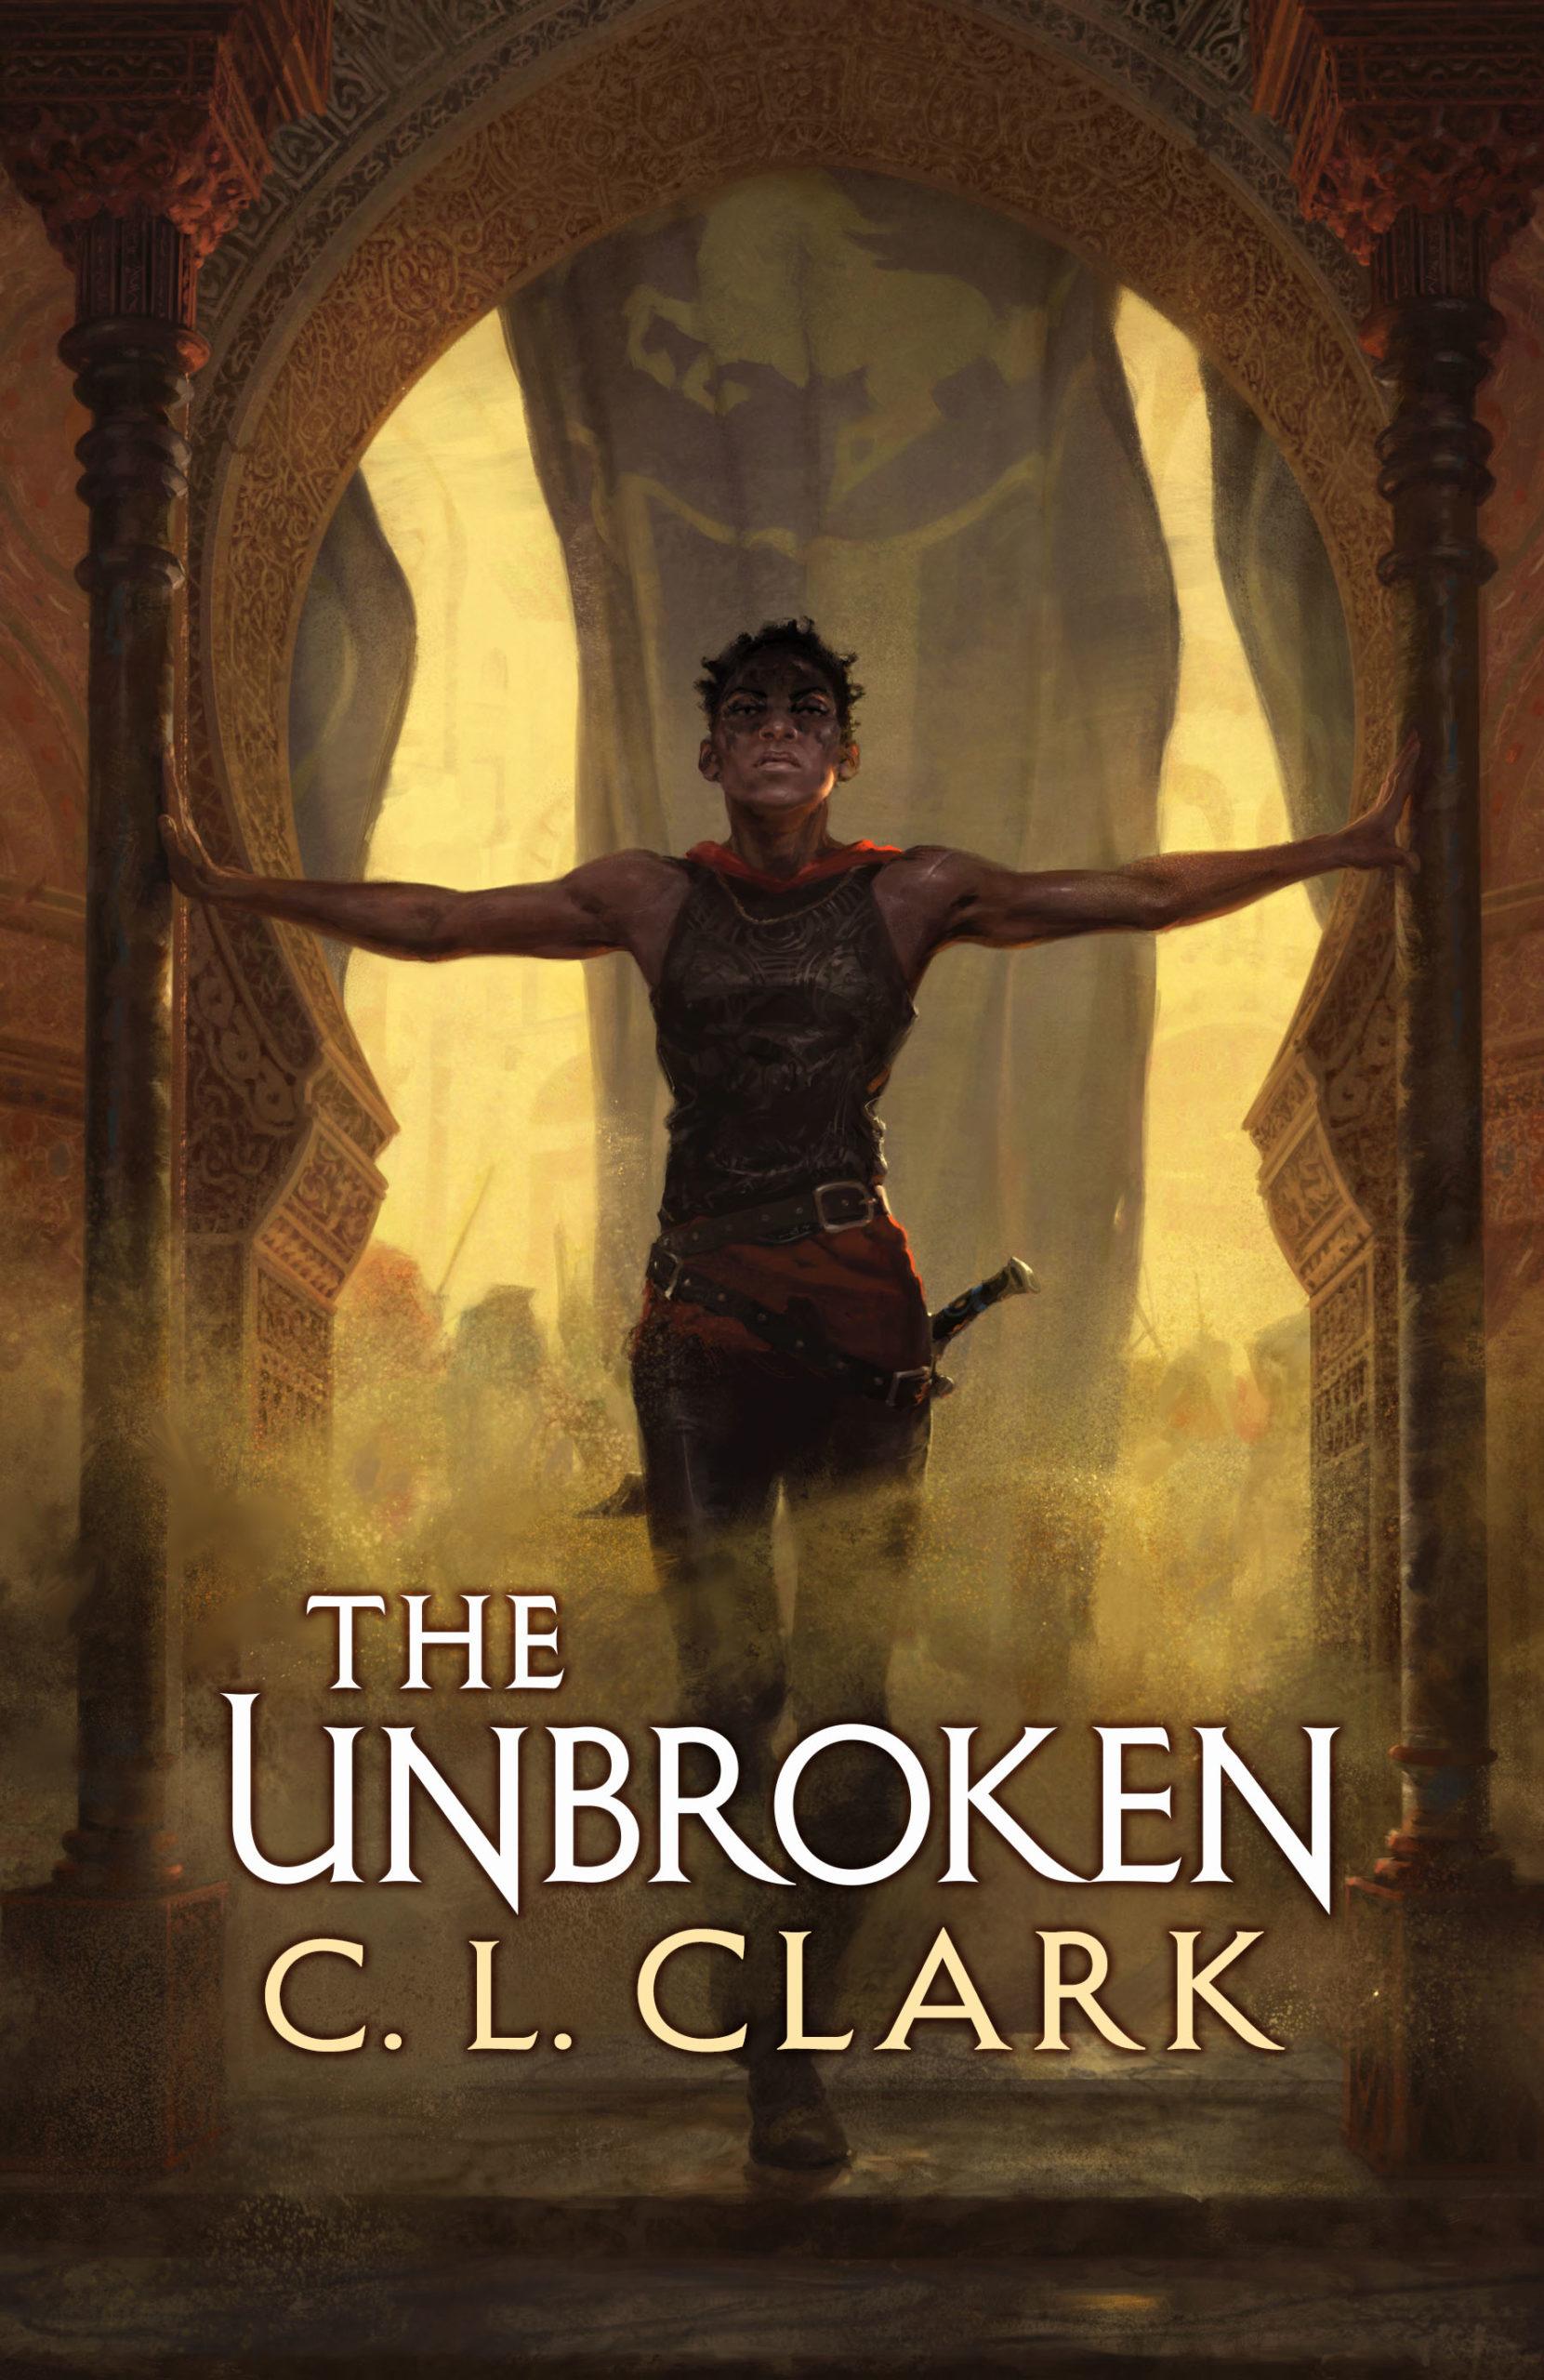 Book cover: The Unbroken - CL Clark